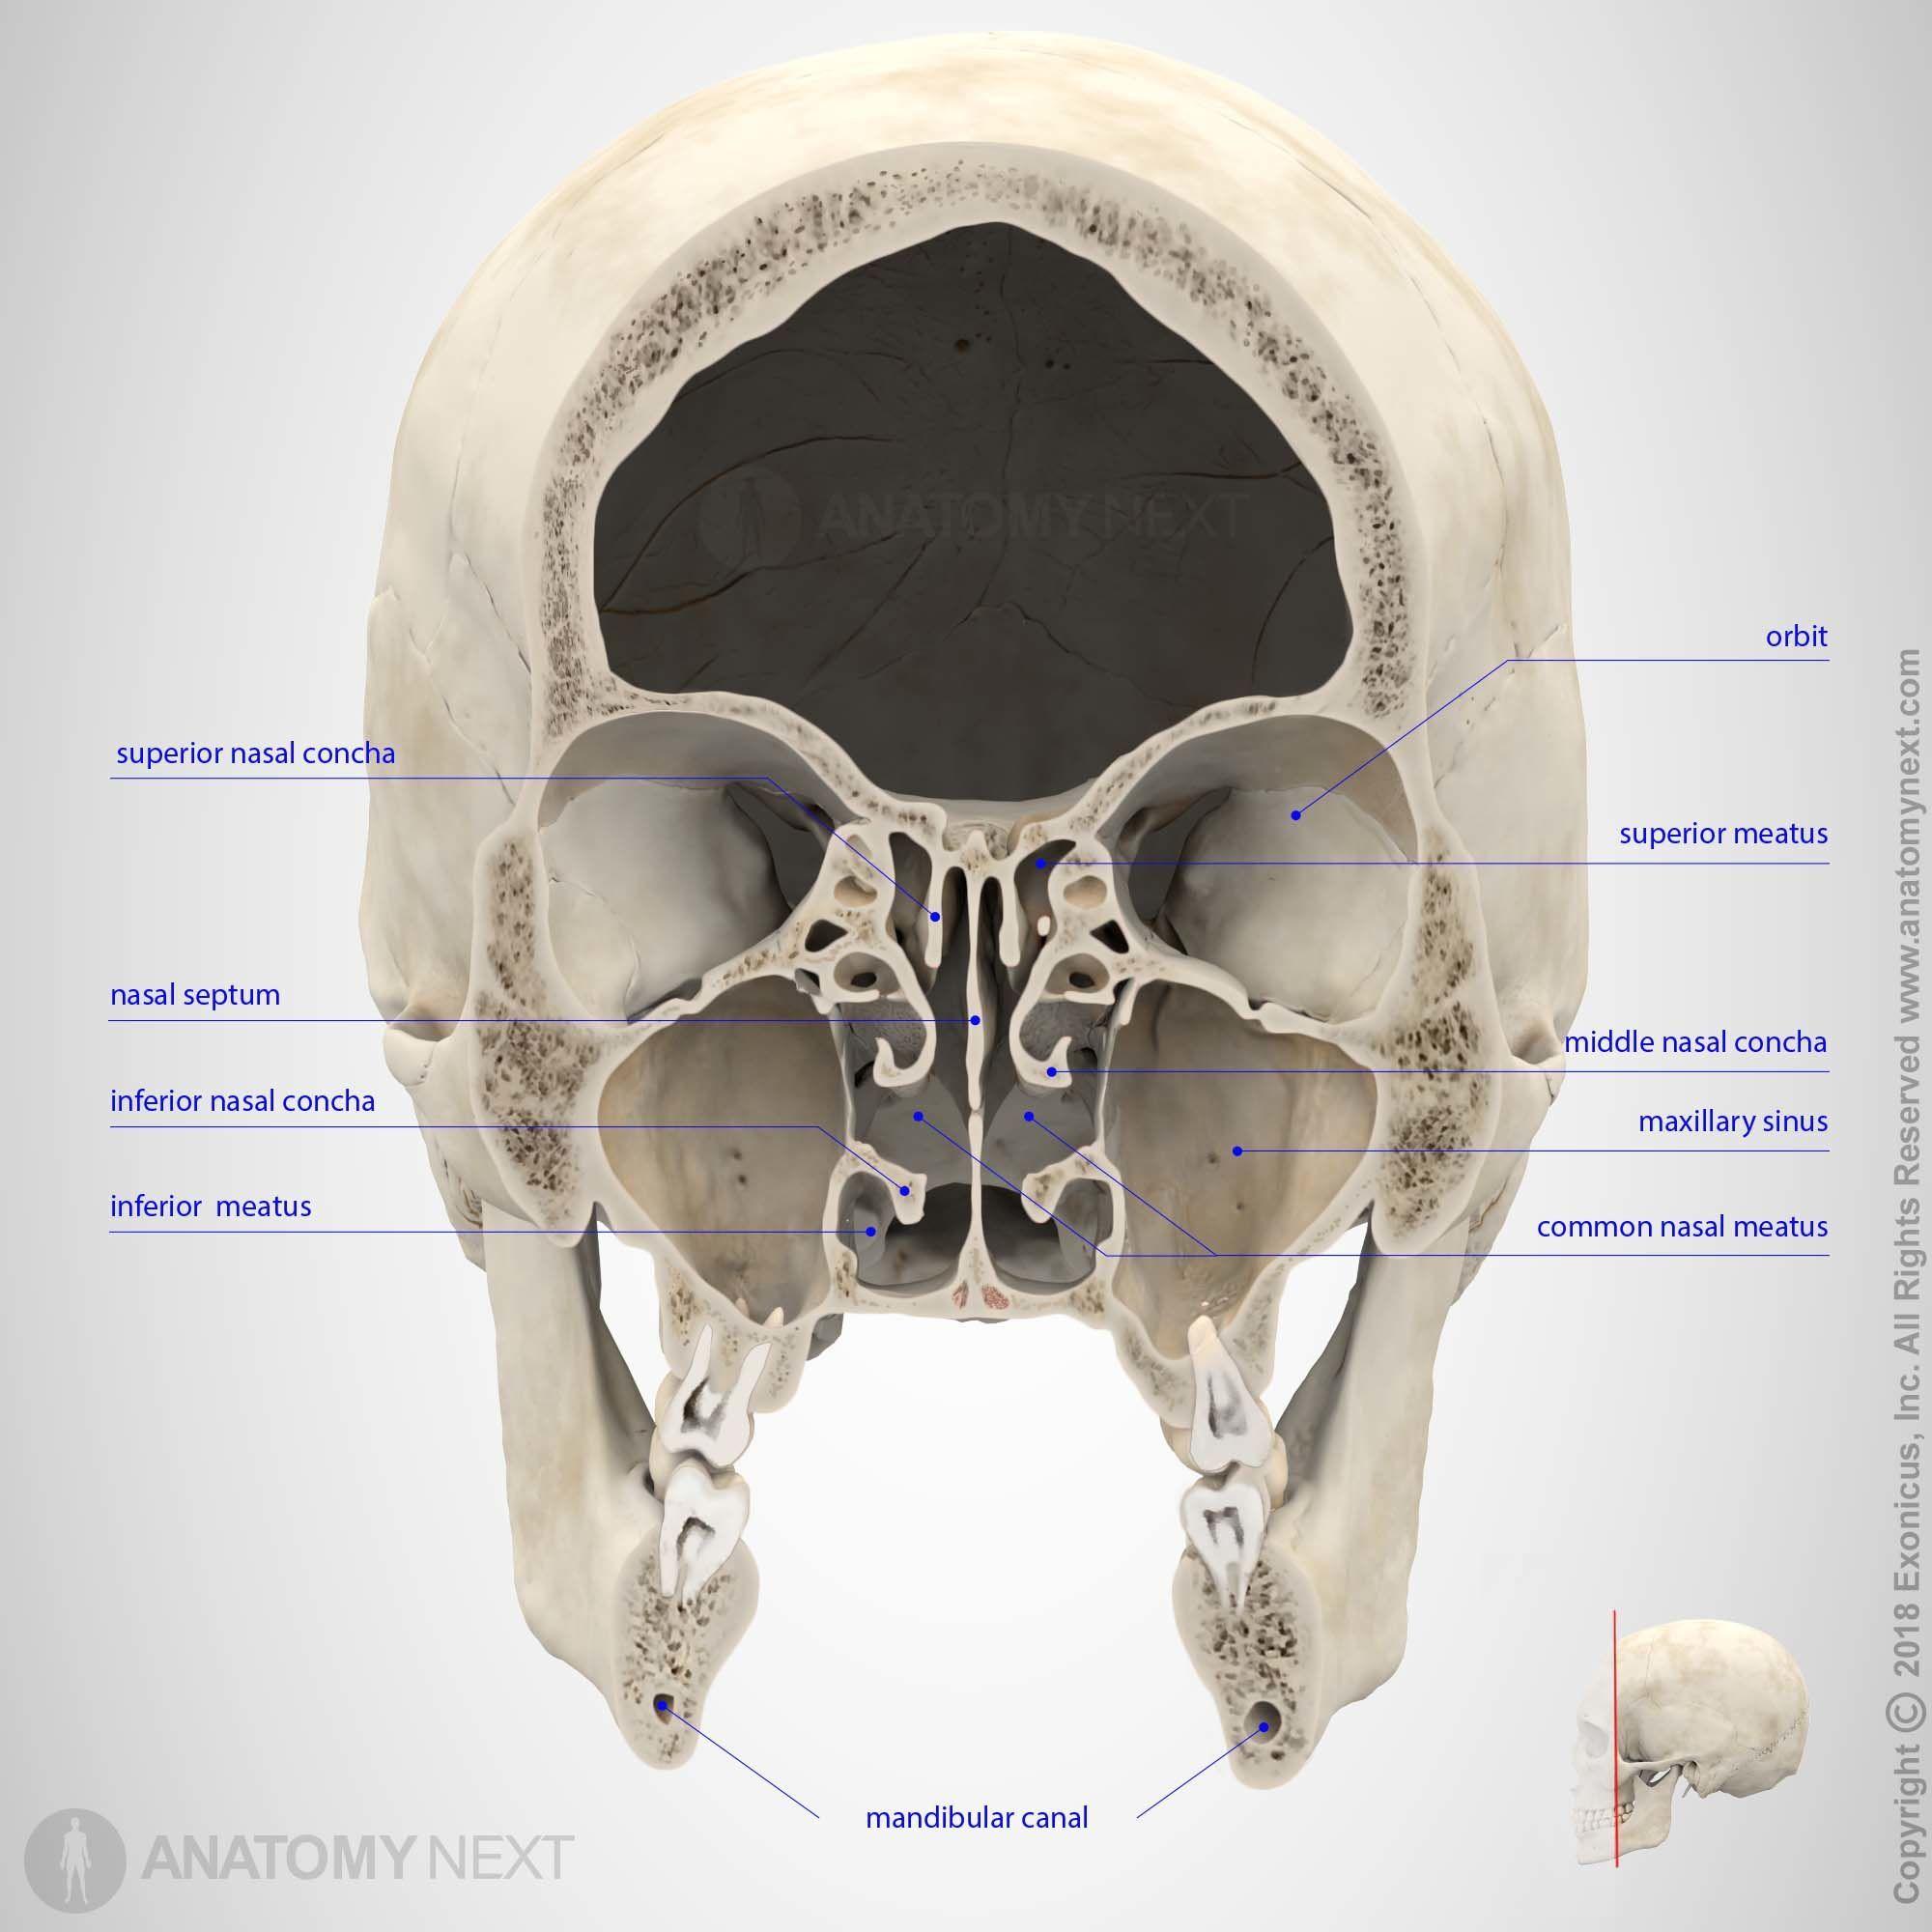 Maxillary sinus | Cranial anatomy | Pinterest | Maxillary sinus